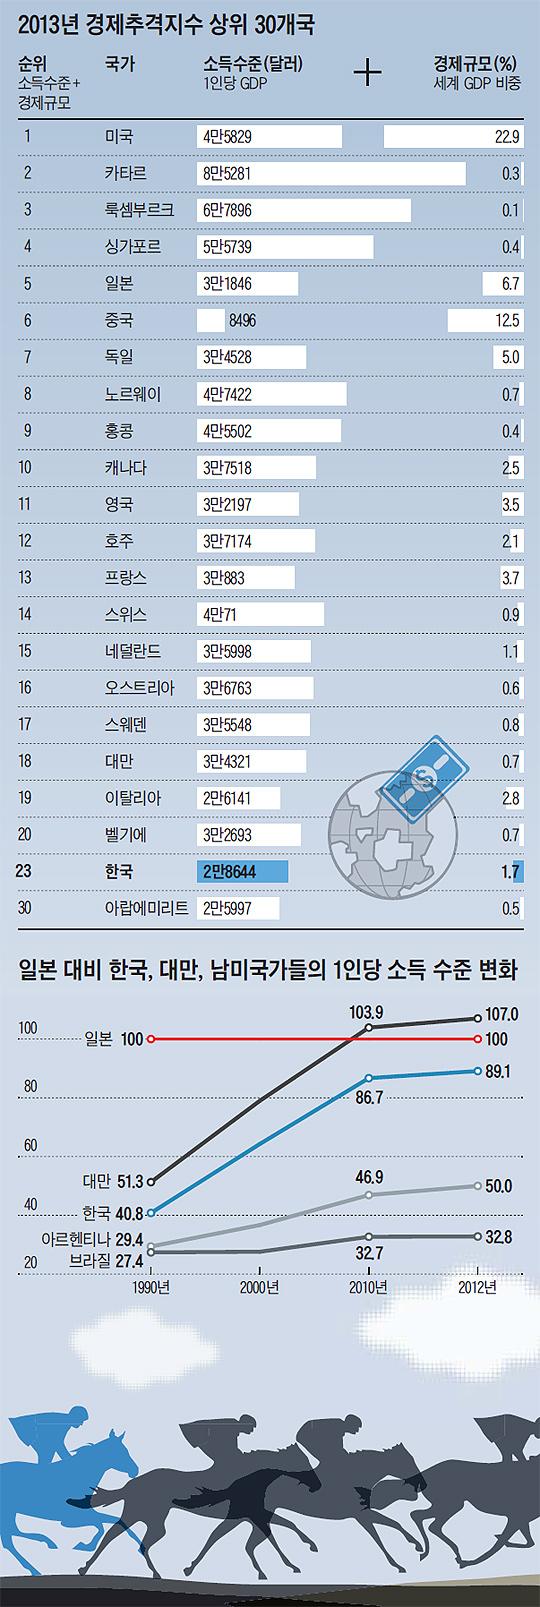 2013년 경제추격지수 상위 30개국. 일본 대비 한국, 대만, 남미국가들의 1인당 소득 수준 변화.